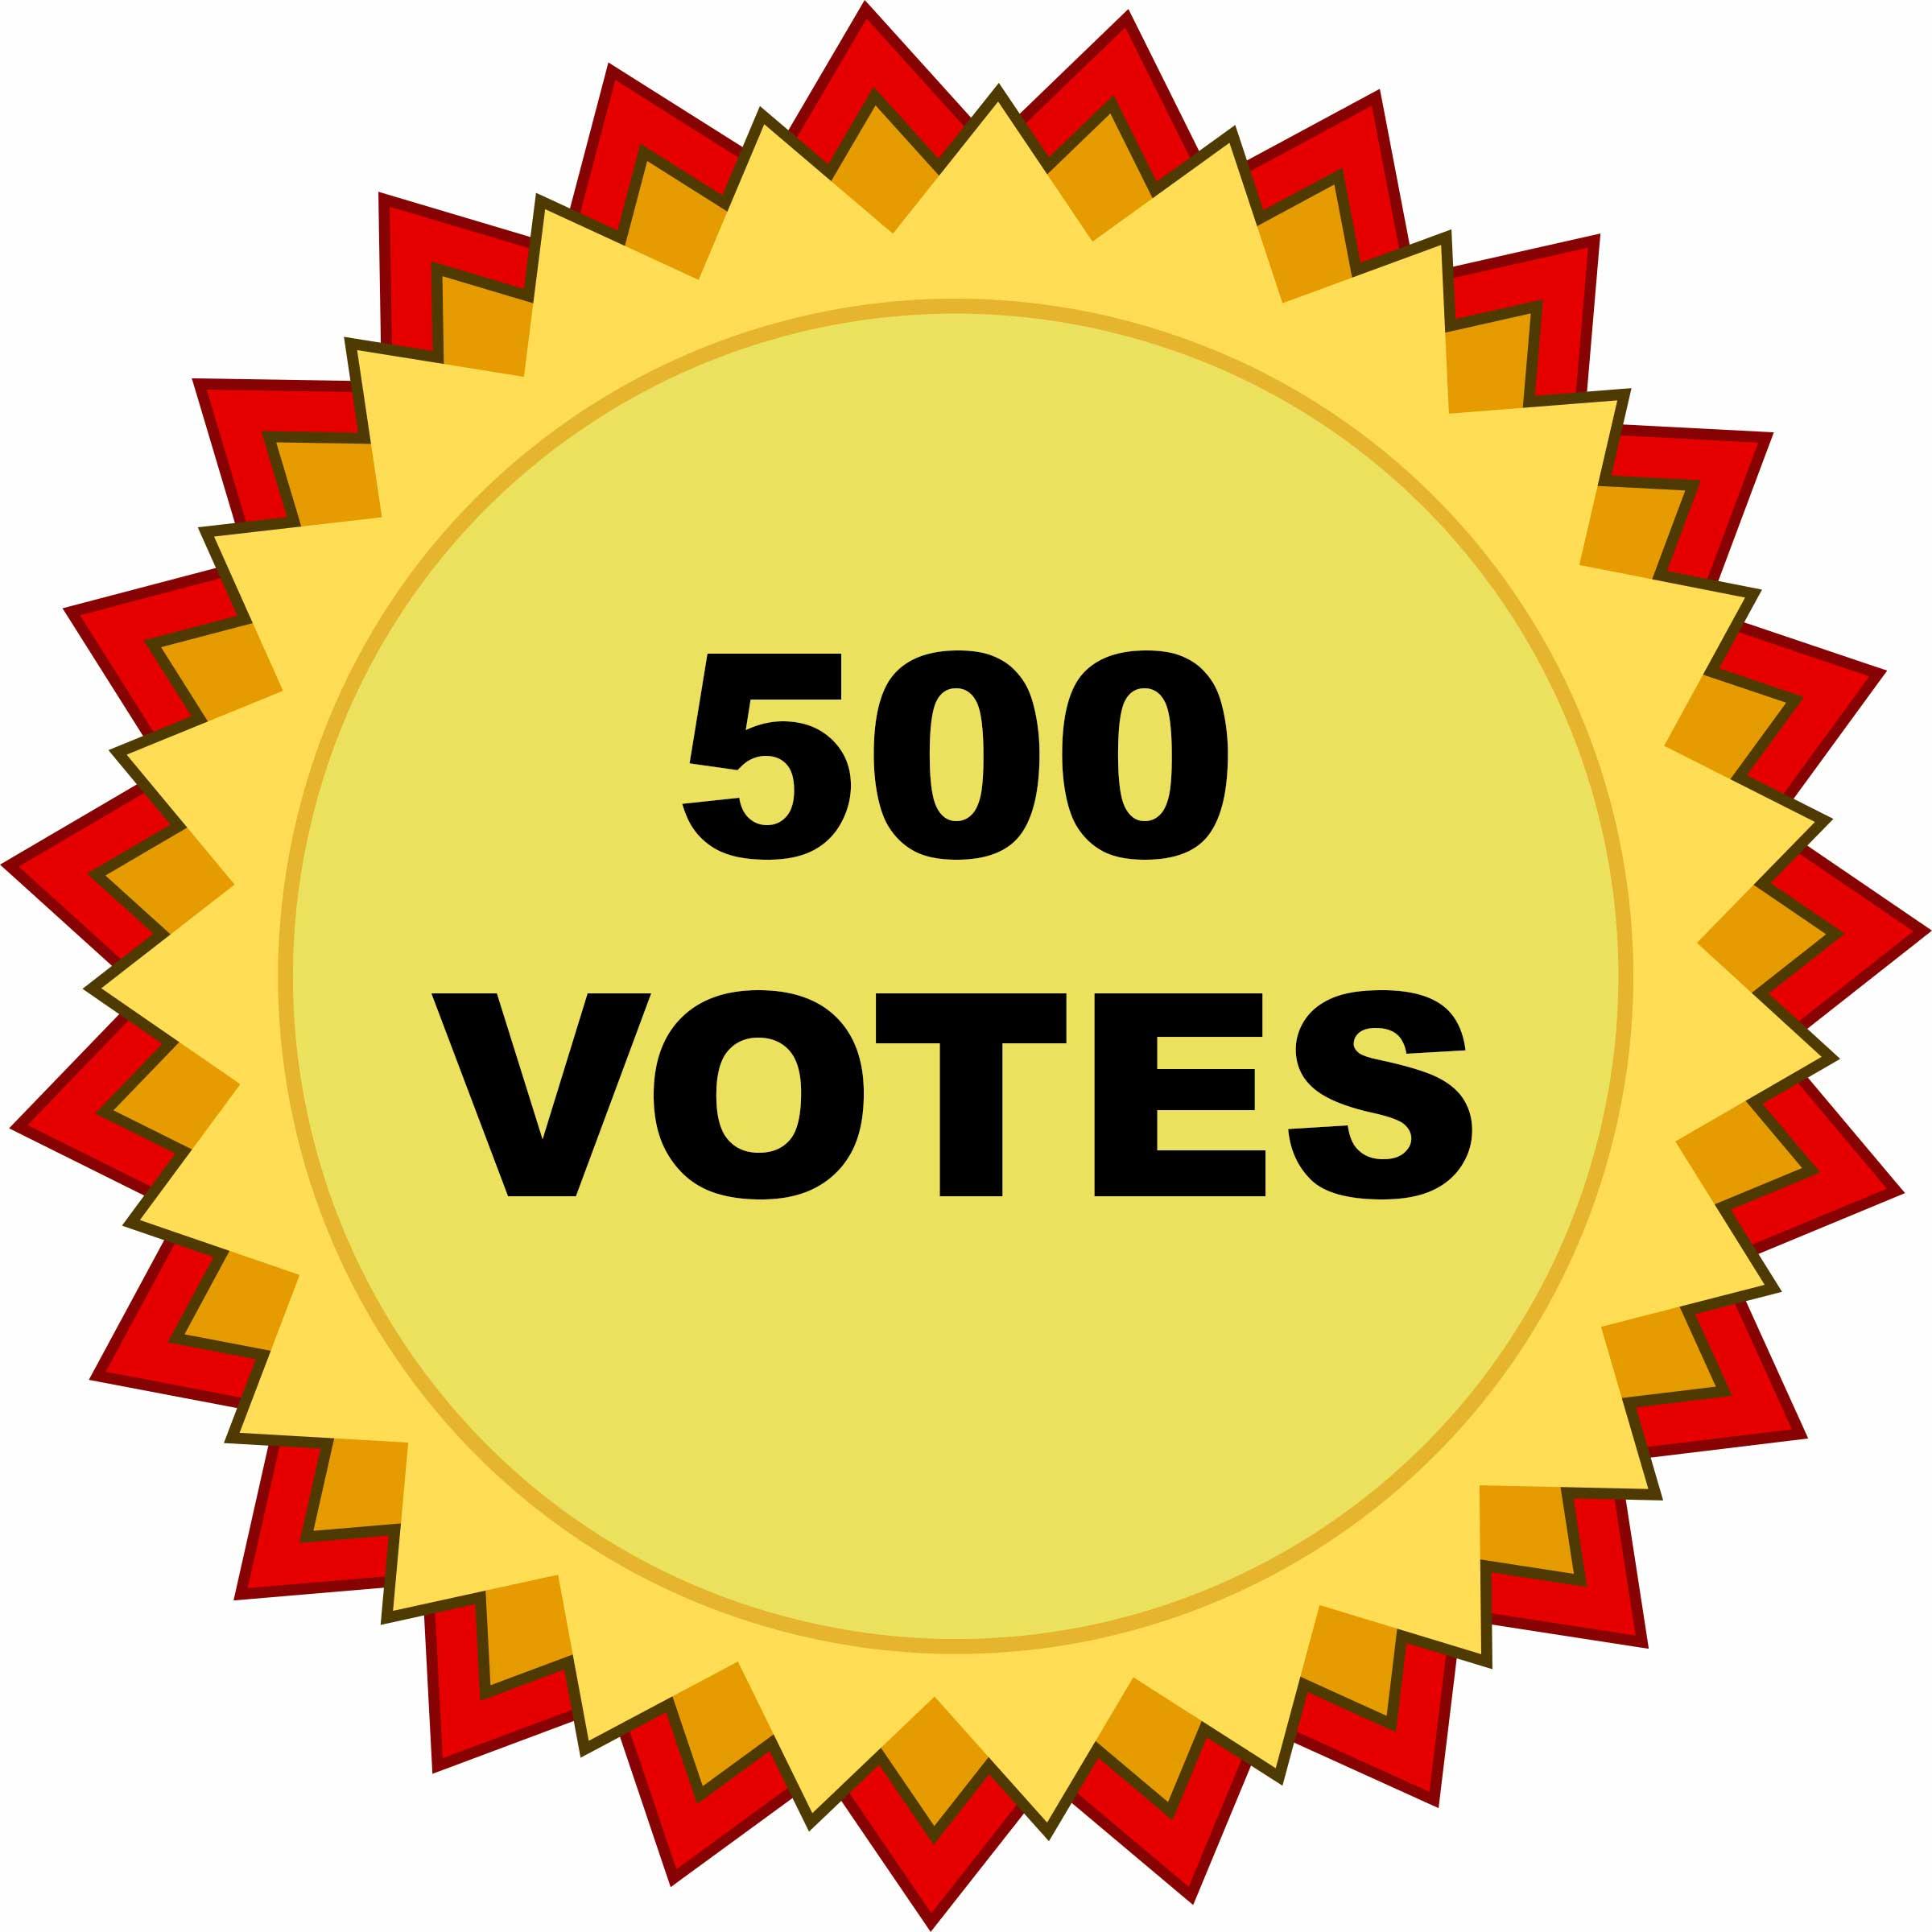 500-VOTES